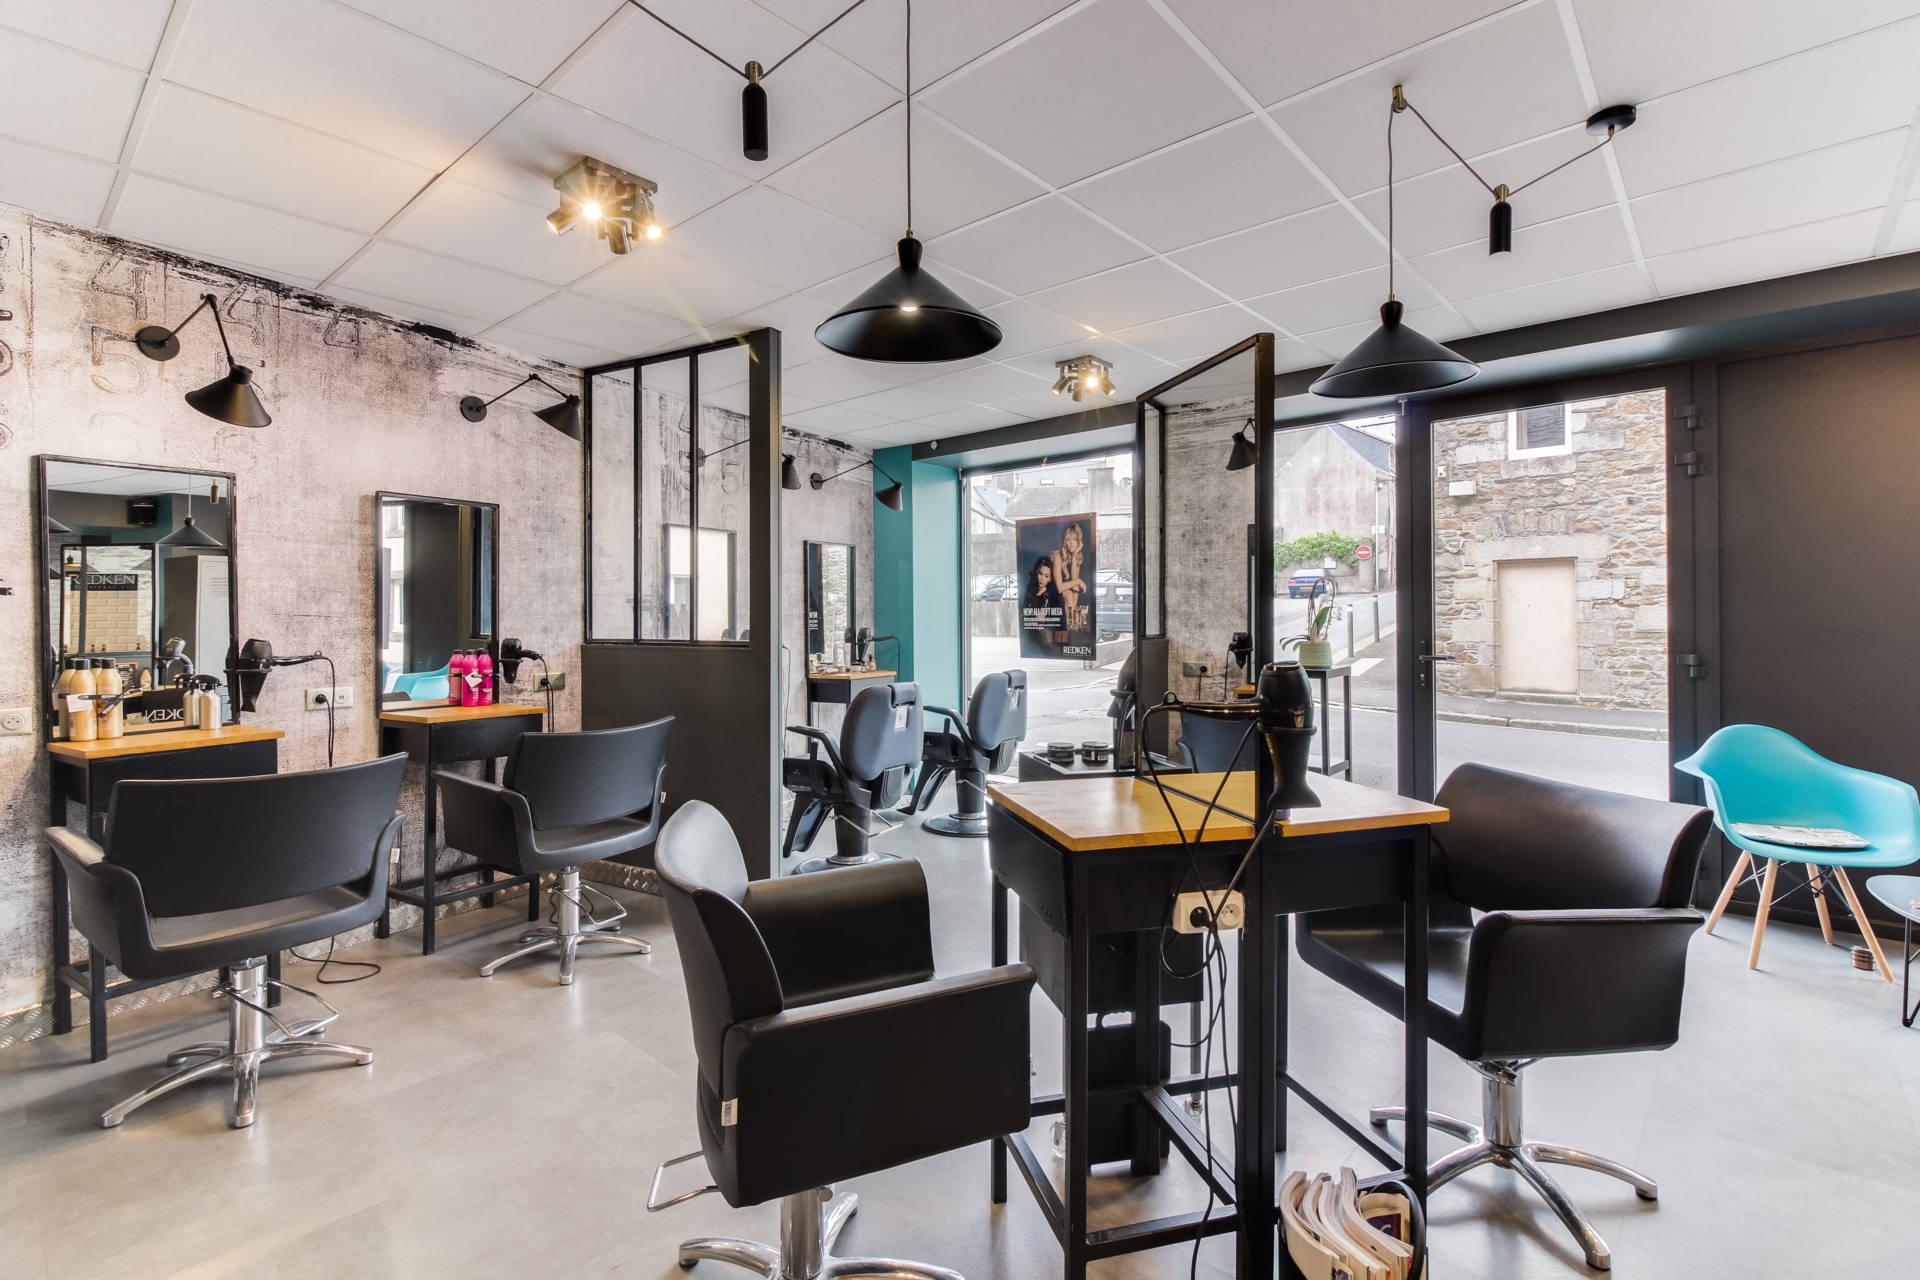 Réaménagement  d'un salon de coiffure avec agrandissement